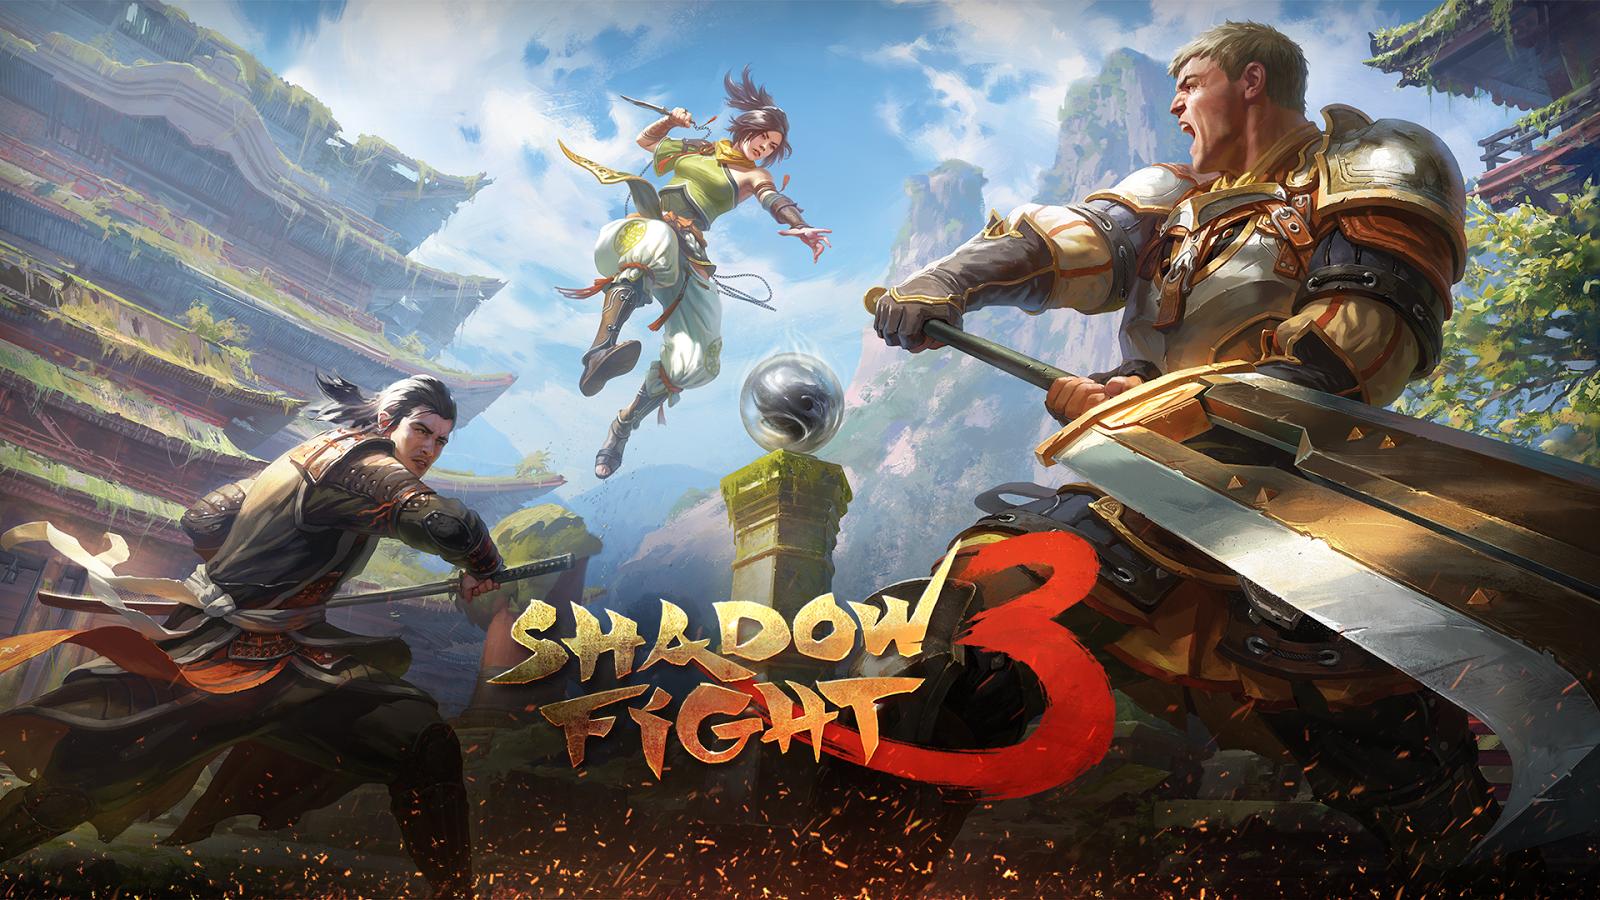 Novos excelentes jogos para Android para download em dezembro